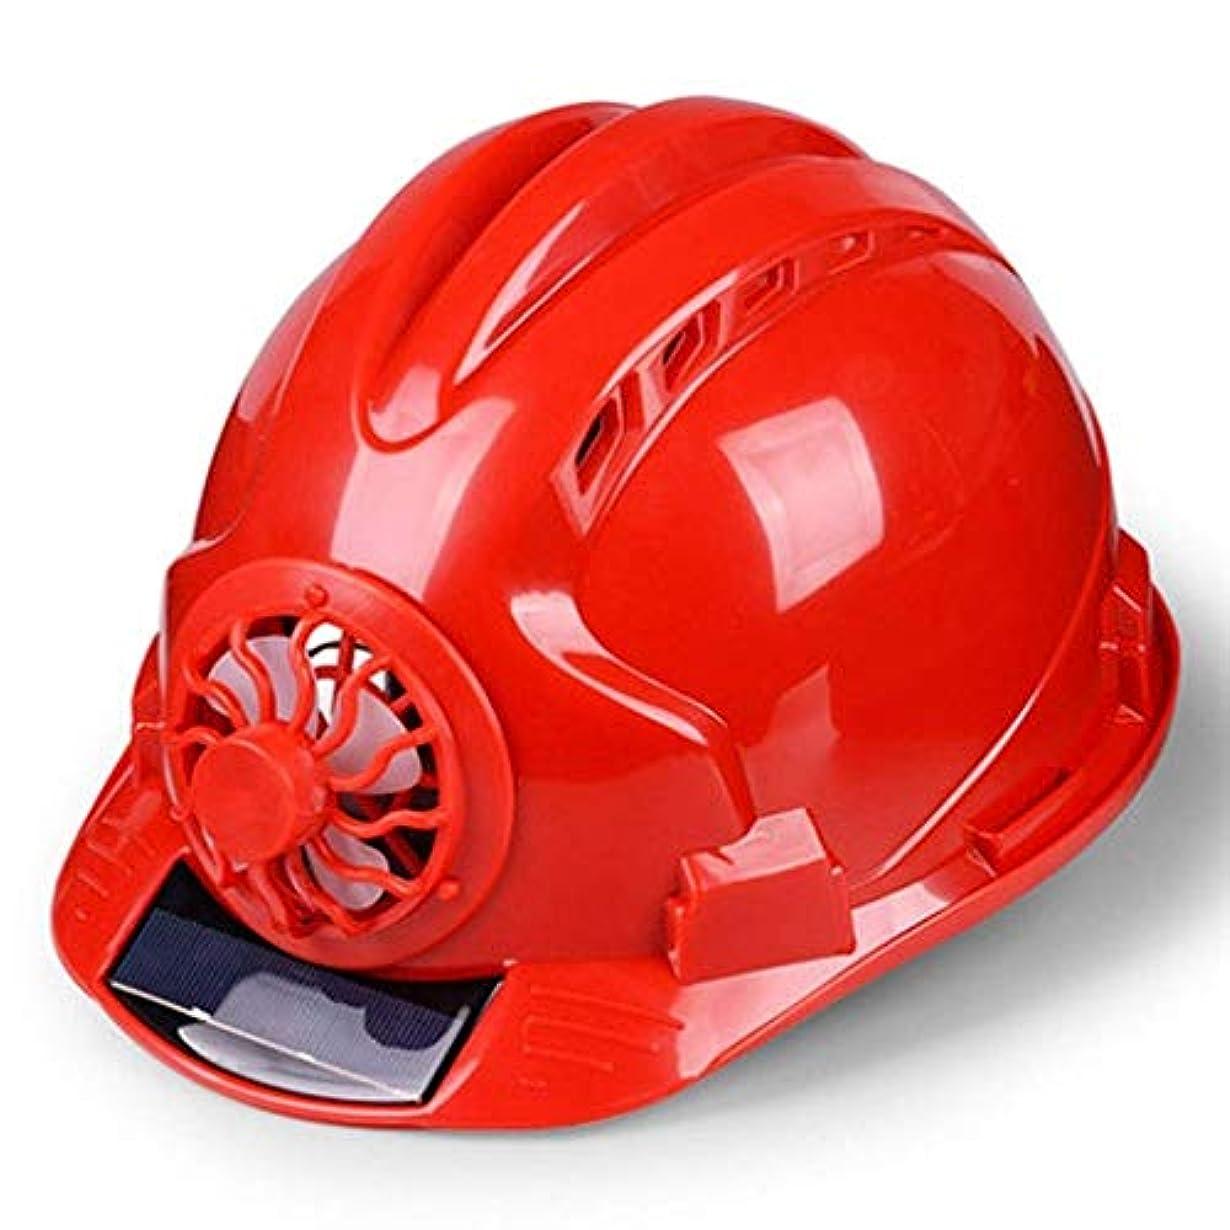 シャッター自伝役に立つ作業用ヘルメット-Hard Hats- 安全ヘルメット - ファンヘッド保護付きの安全キャップ調整可能なANSI準拠建設、建設などに適しています。 夏涼しい贈り物 (Color : Red)